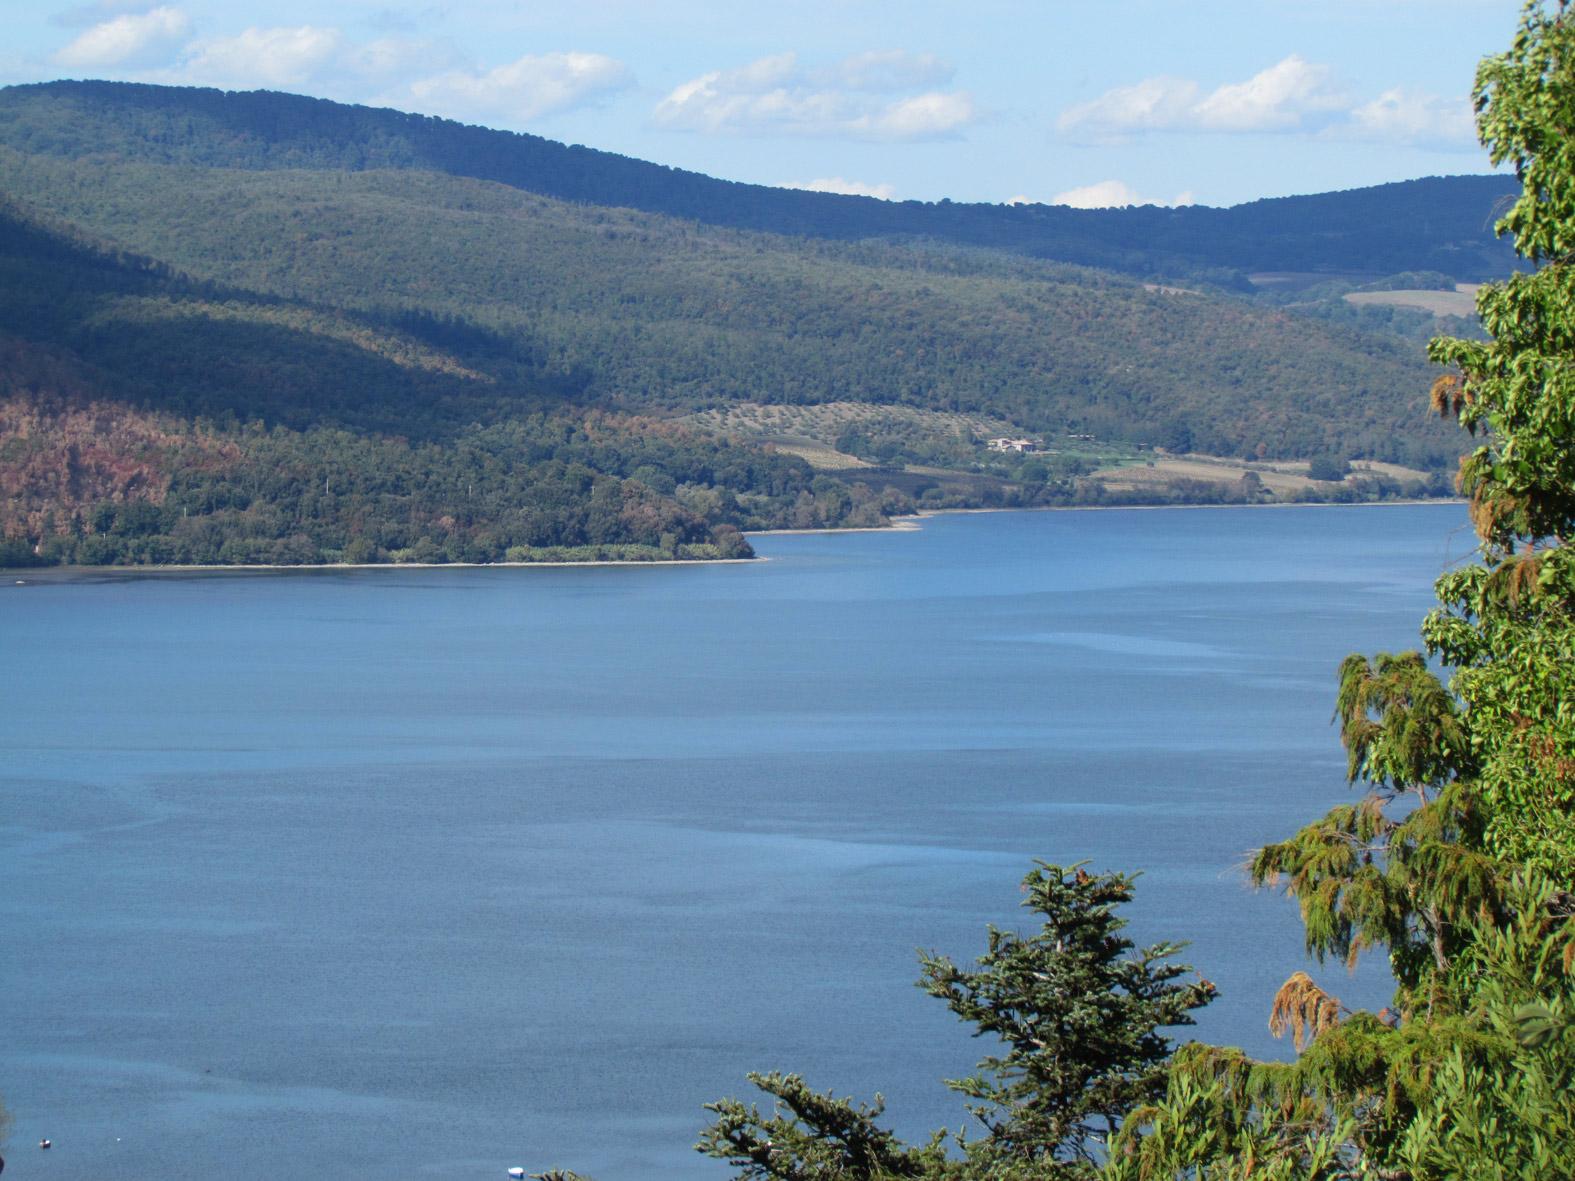 Lago: Rinviata a luglio 2019 udienza al Tribunale Superiore delle Acque Pubbliche. Il Parco commenta